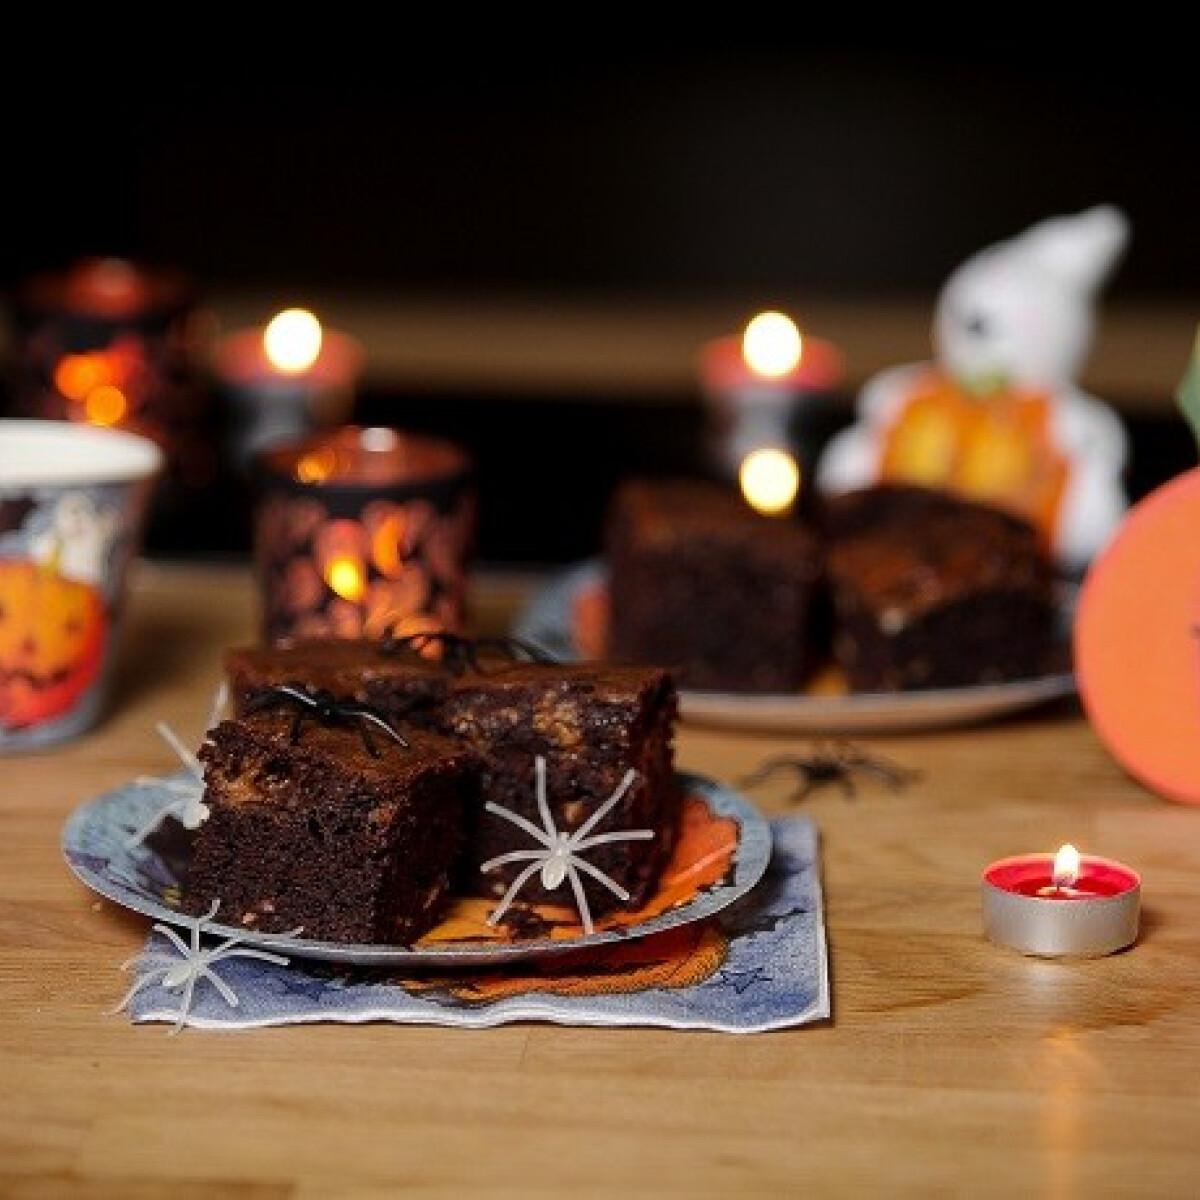 Ezen a képen: Sütőtökös-mogyorós brownie